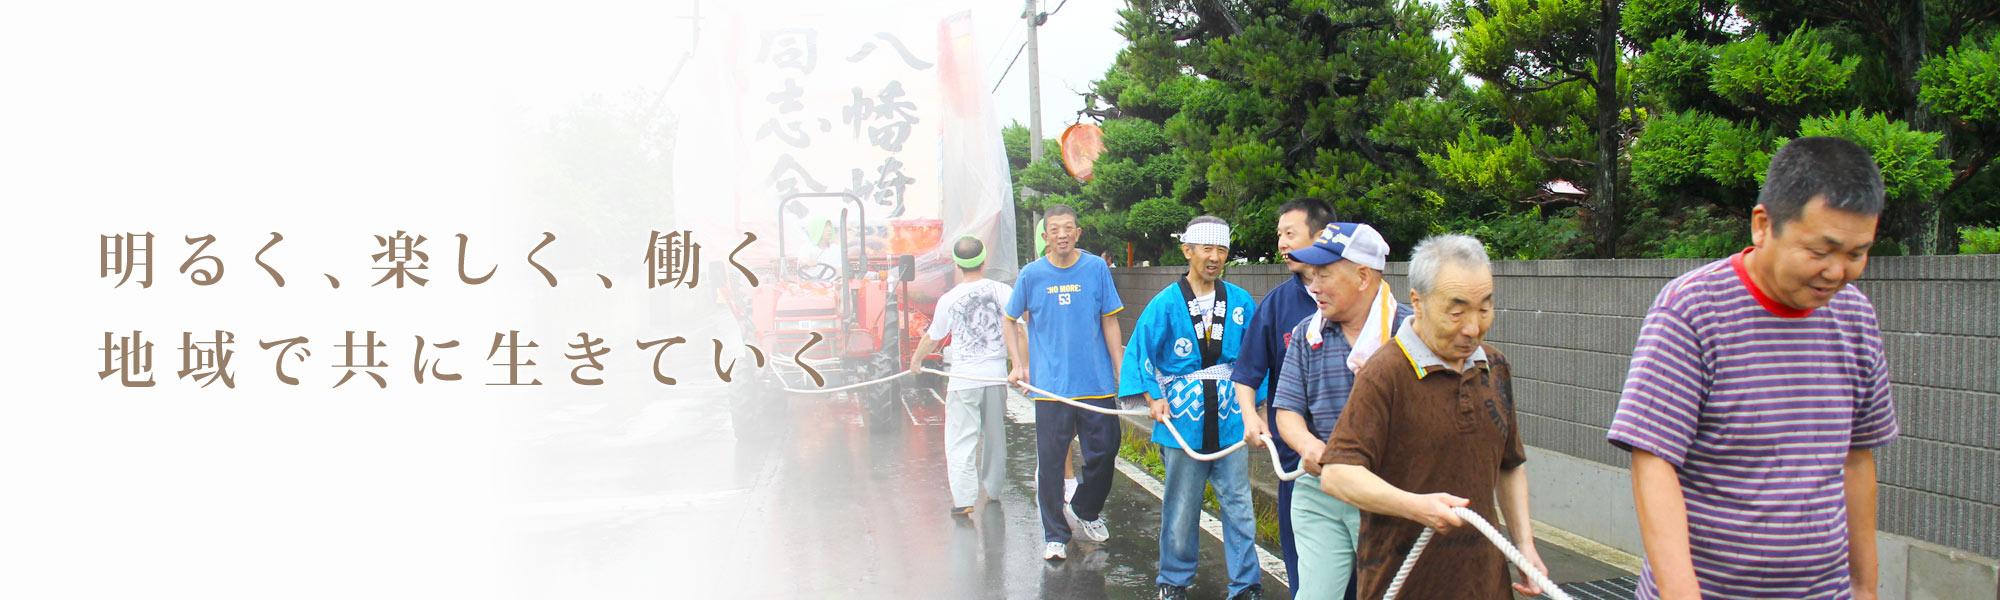 青森県平川市にある障がい者支援施設(就労サポート、生活支援、入所、短期入所)は旭光園グループ